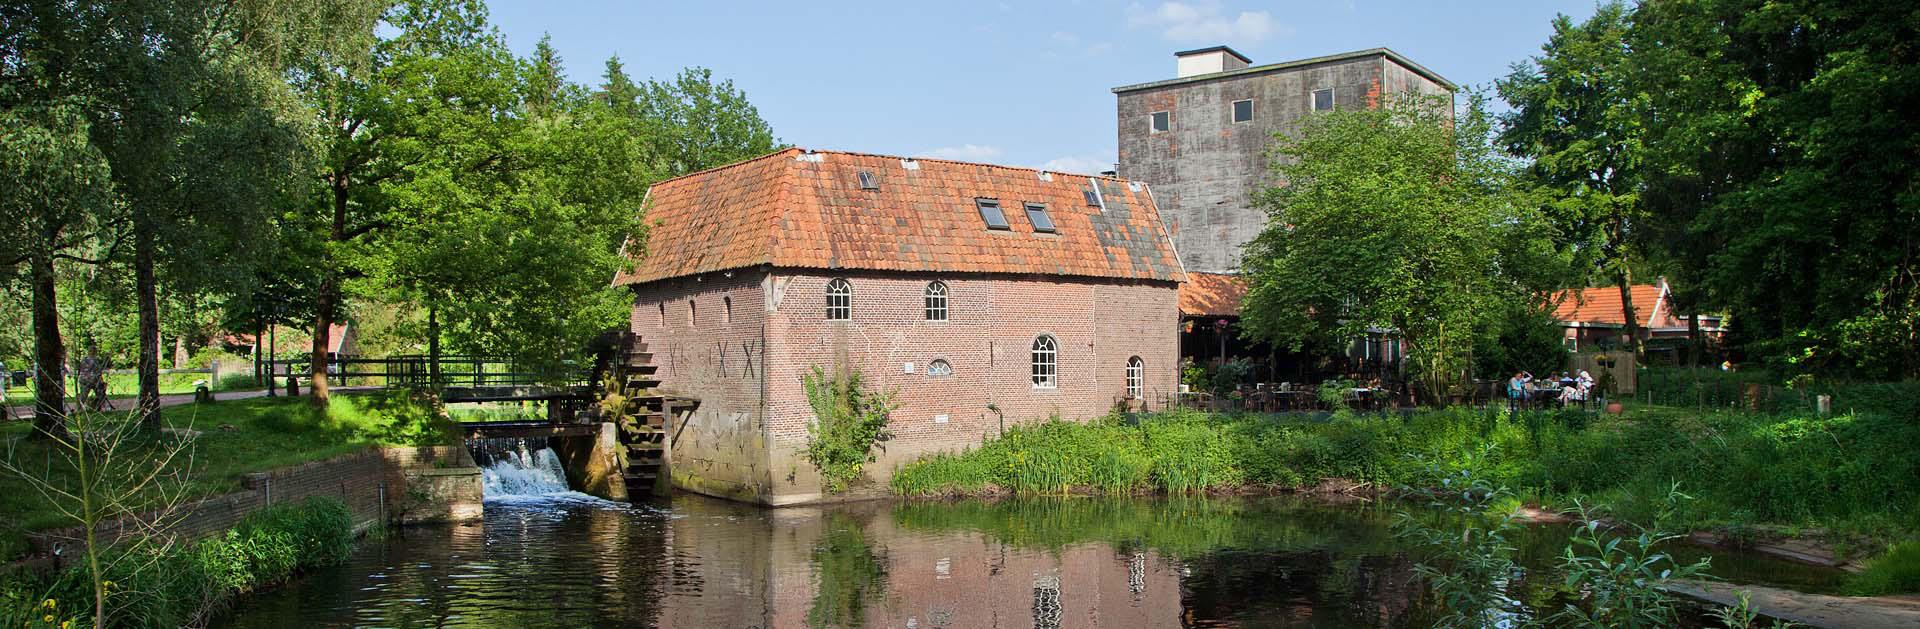 Berenschot 's Watermolen - Winterswijk Woold